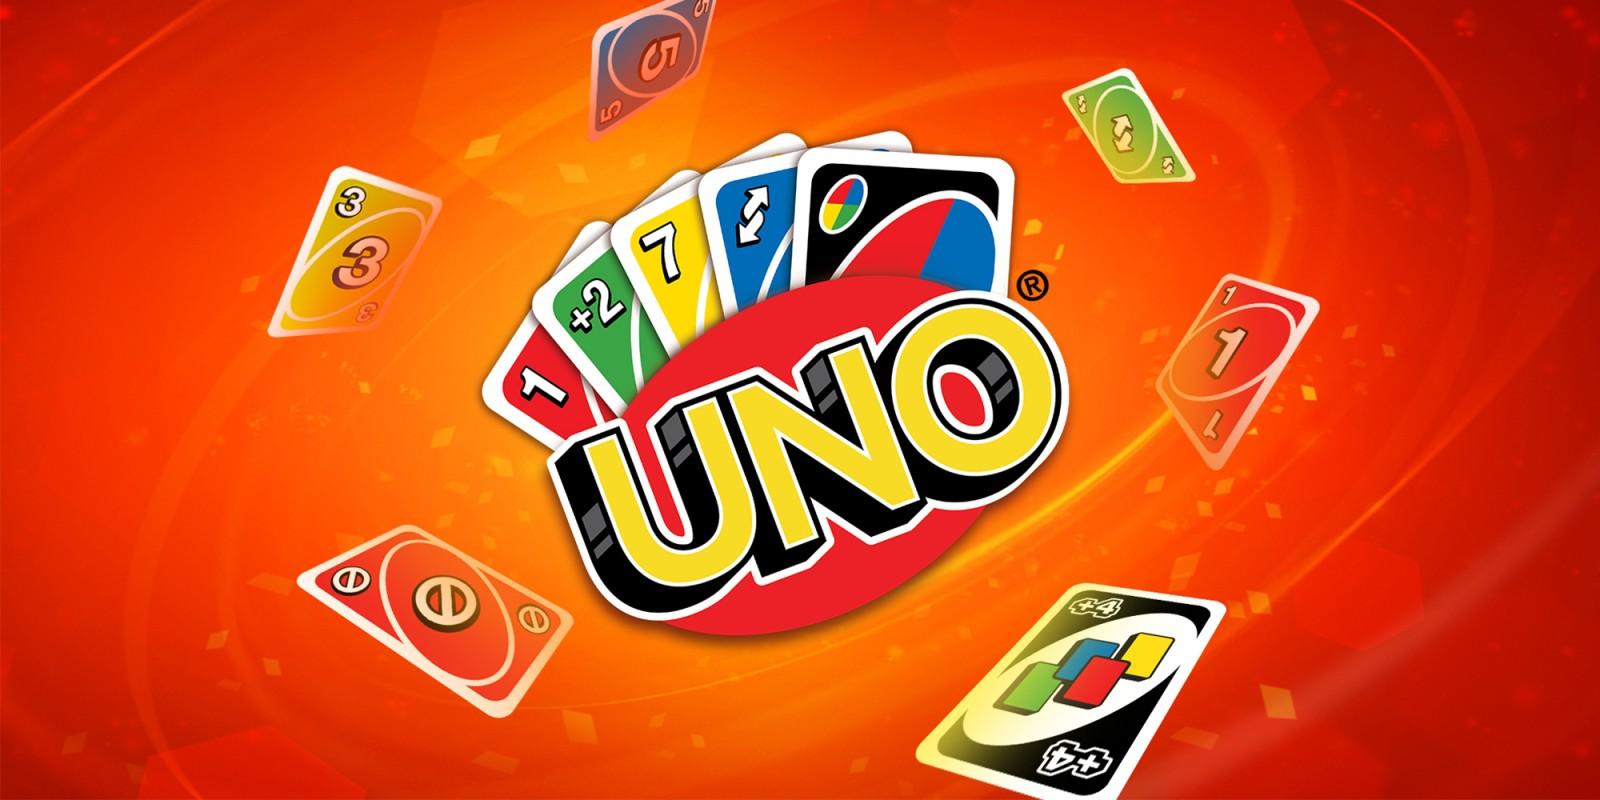 UNO confirma que no se suman las cartas +4 y +2, hiciste trampa siempre